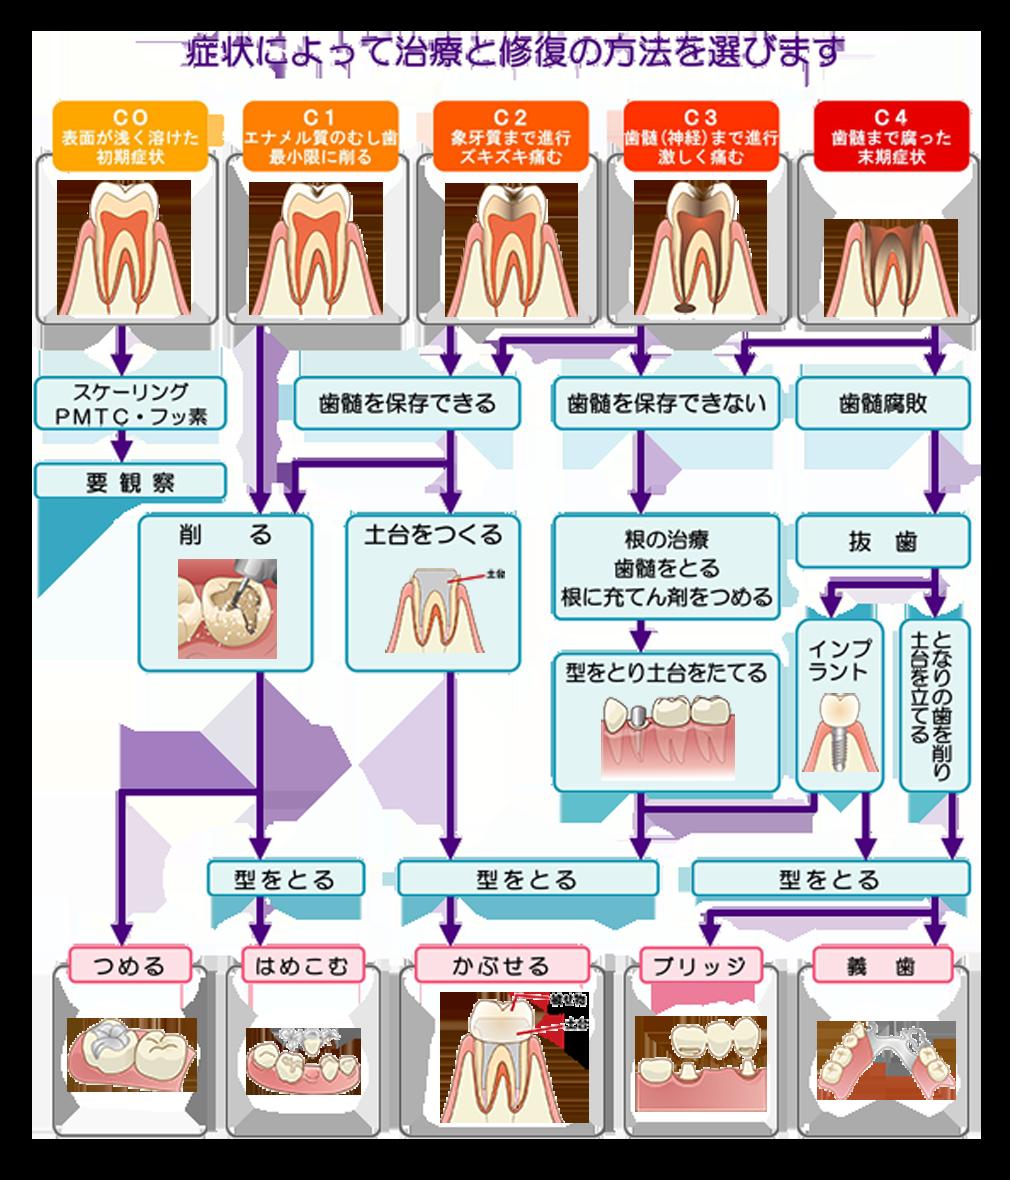 むし歯治療ガイド